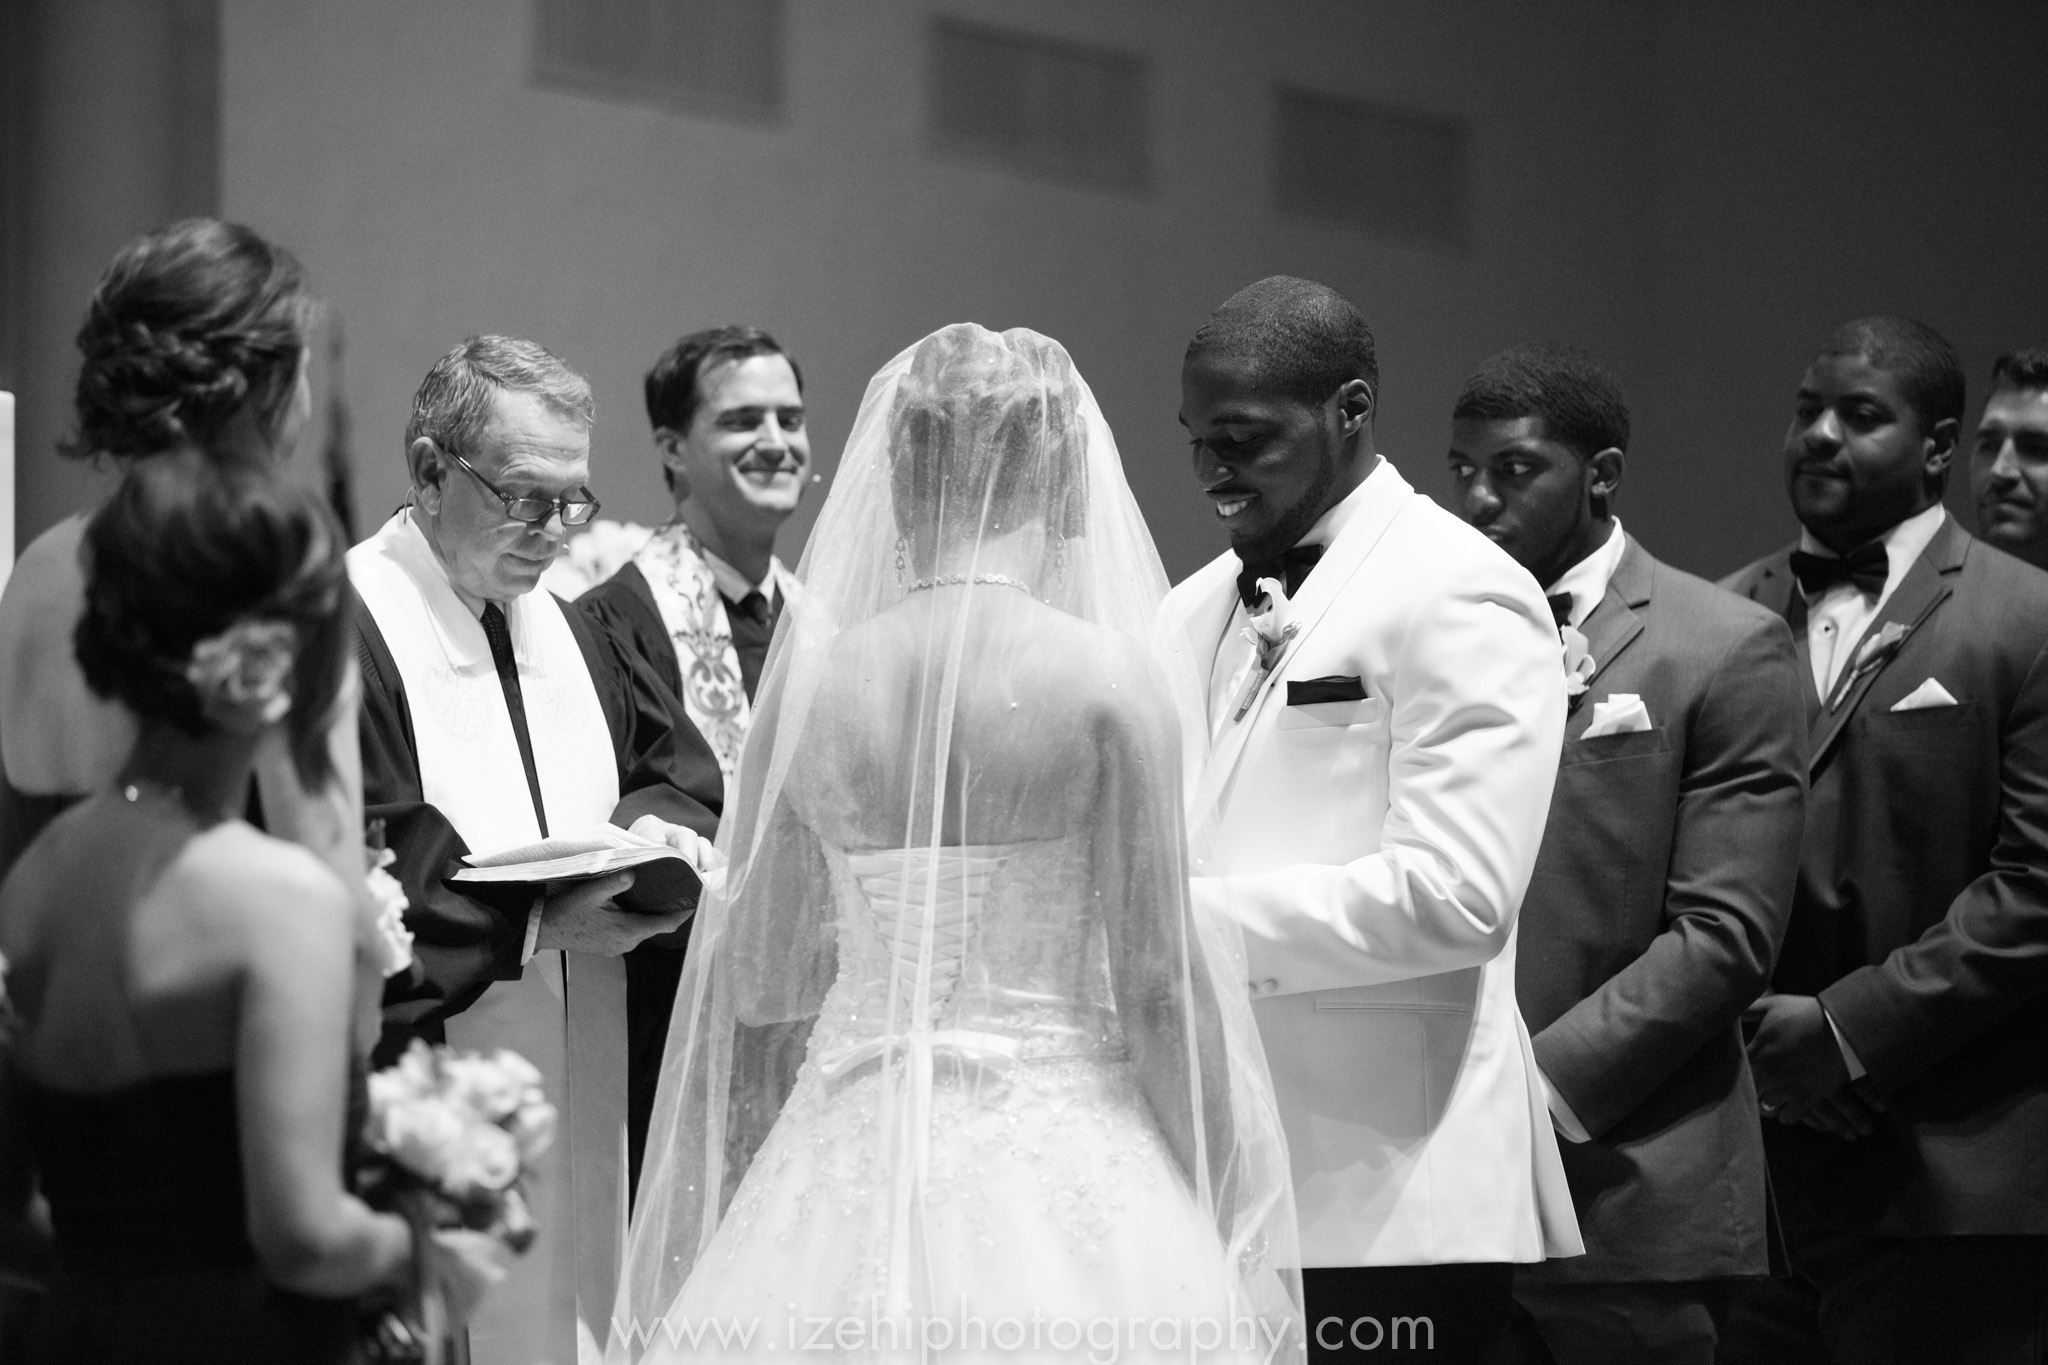 Izehi Photography Sam Acho Nigerian Wedding -144.jpg